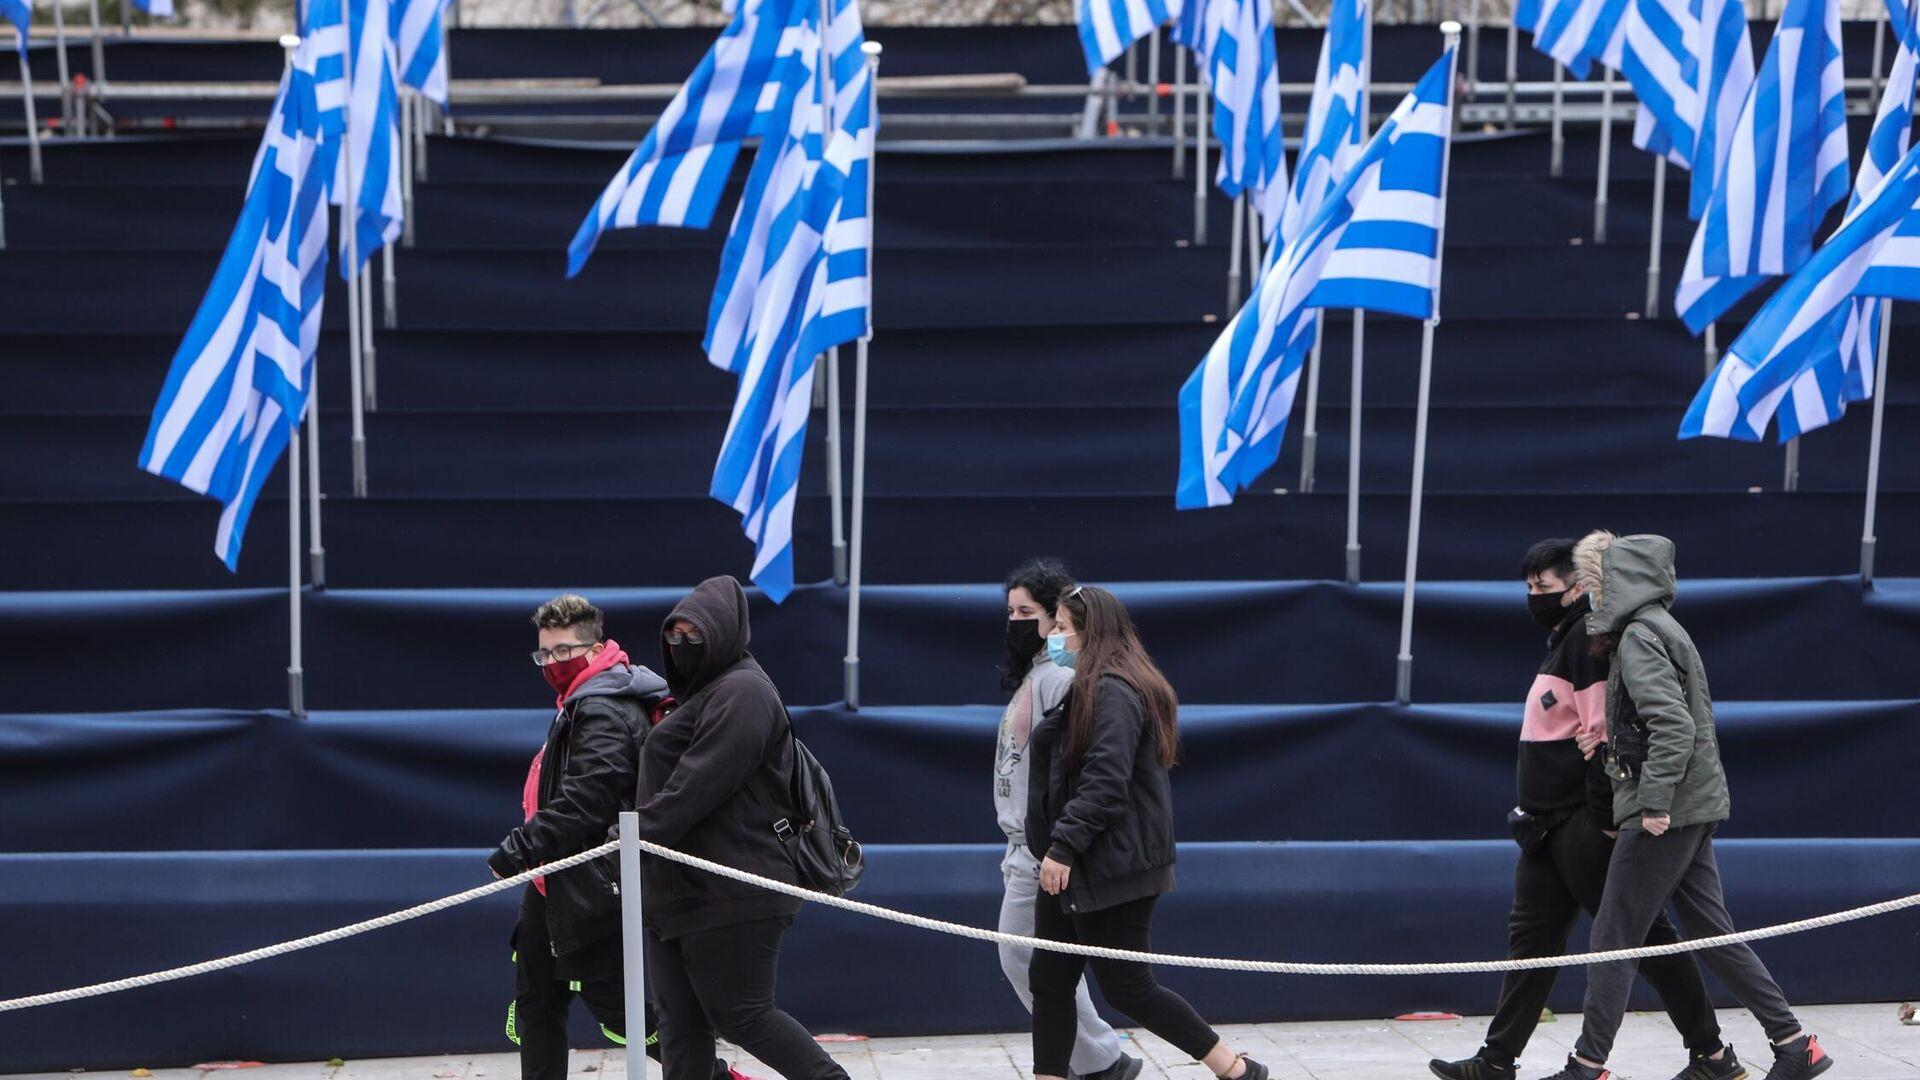 Ελληνικές σημαίες στο Σύνταγμα για την παρέλαση της 25ης Μαρτίου - Sputnik Ελλάδα, 1920, 14.10.2021